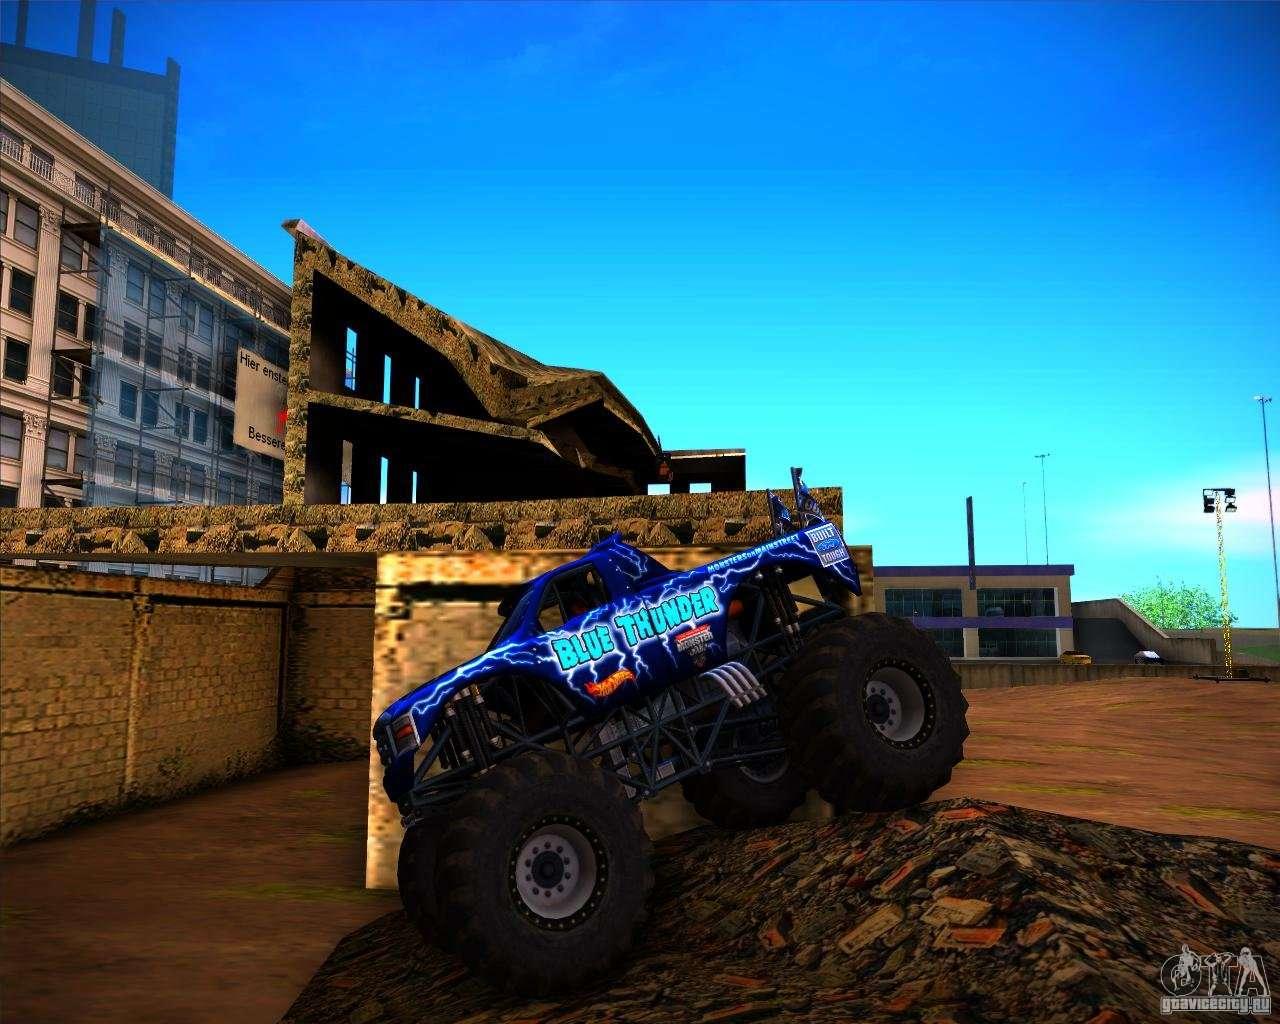 Monster Truck | GTA Wiki | FANDOM powered by Wikia